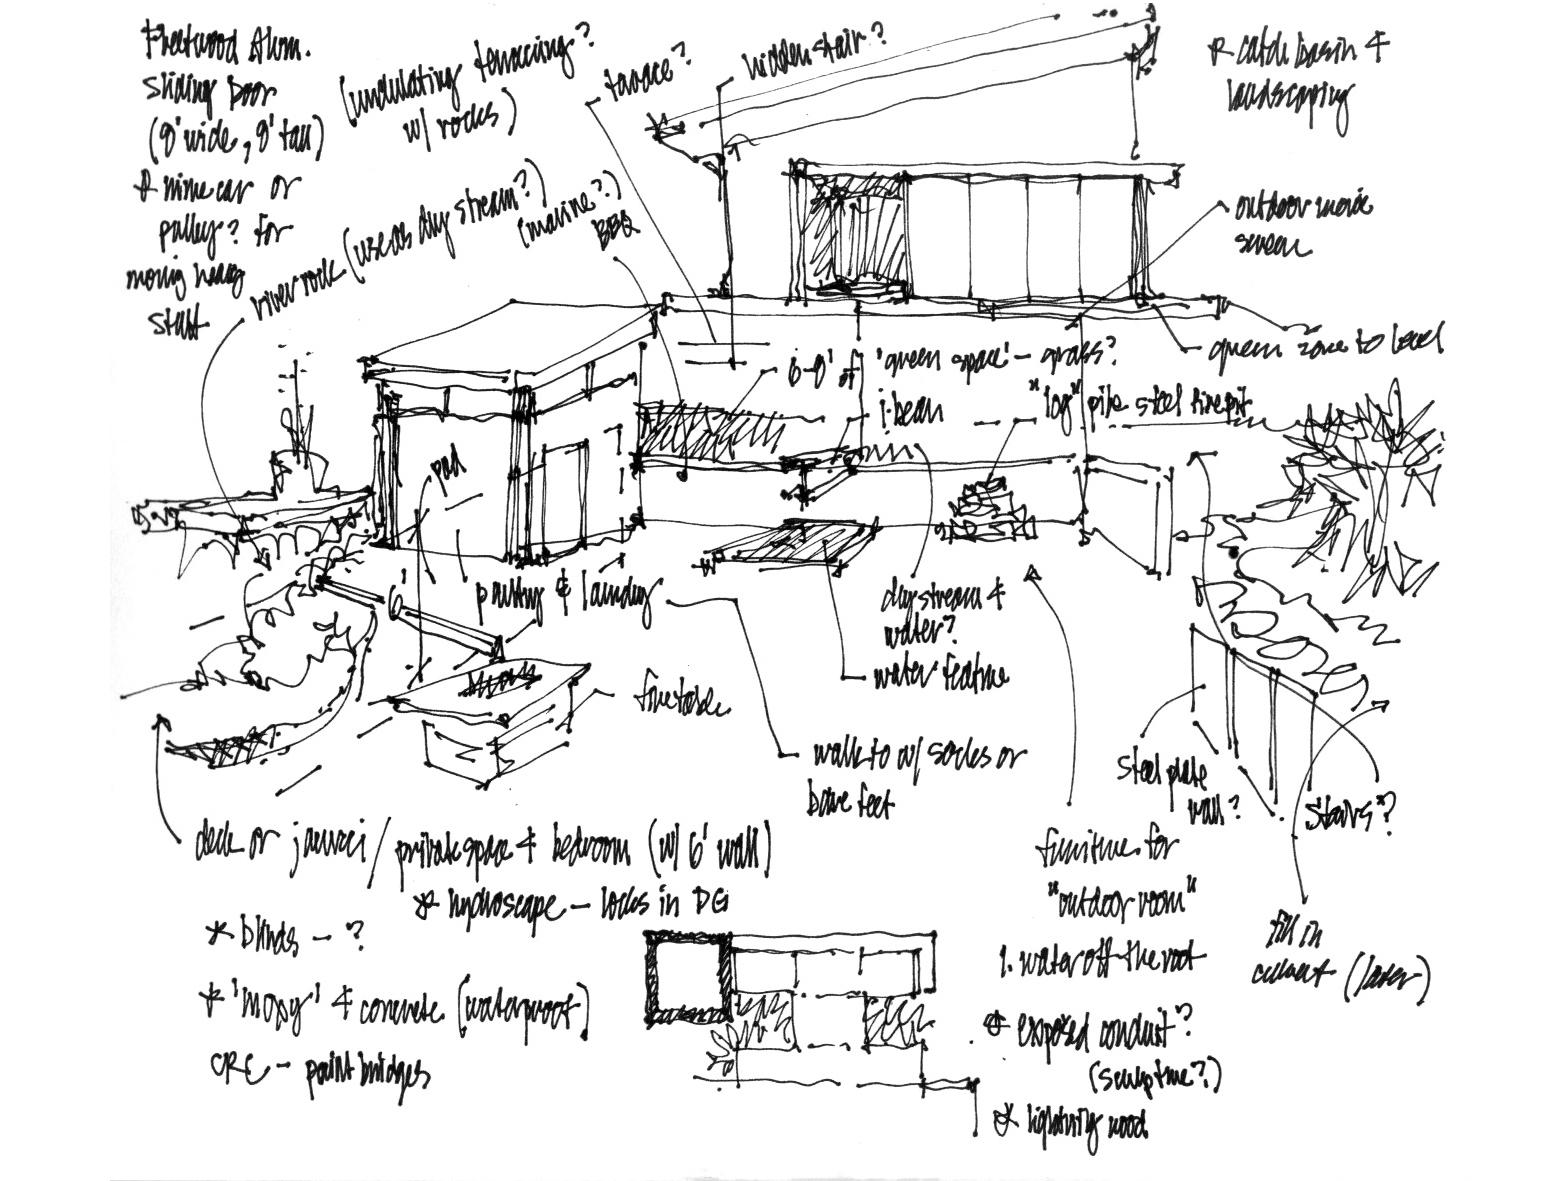 SR_sketch-3.jpg